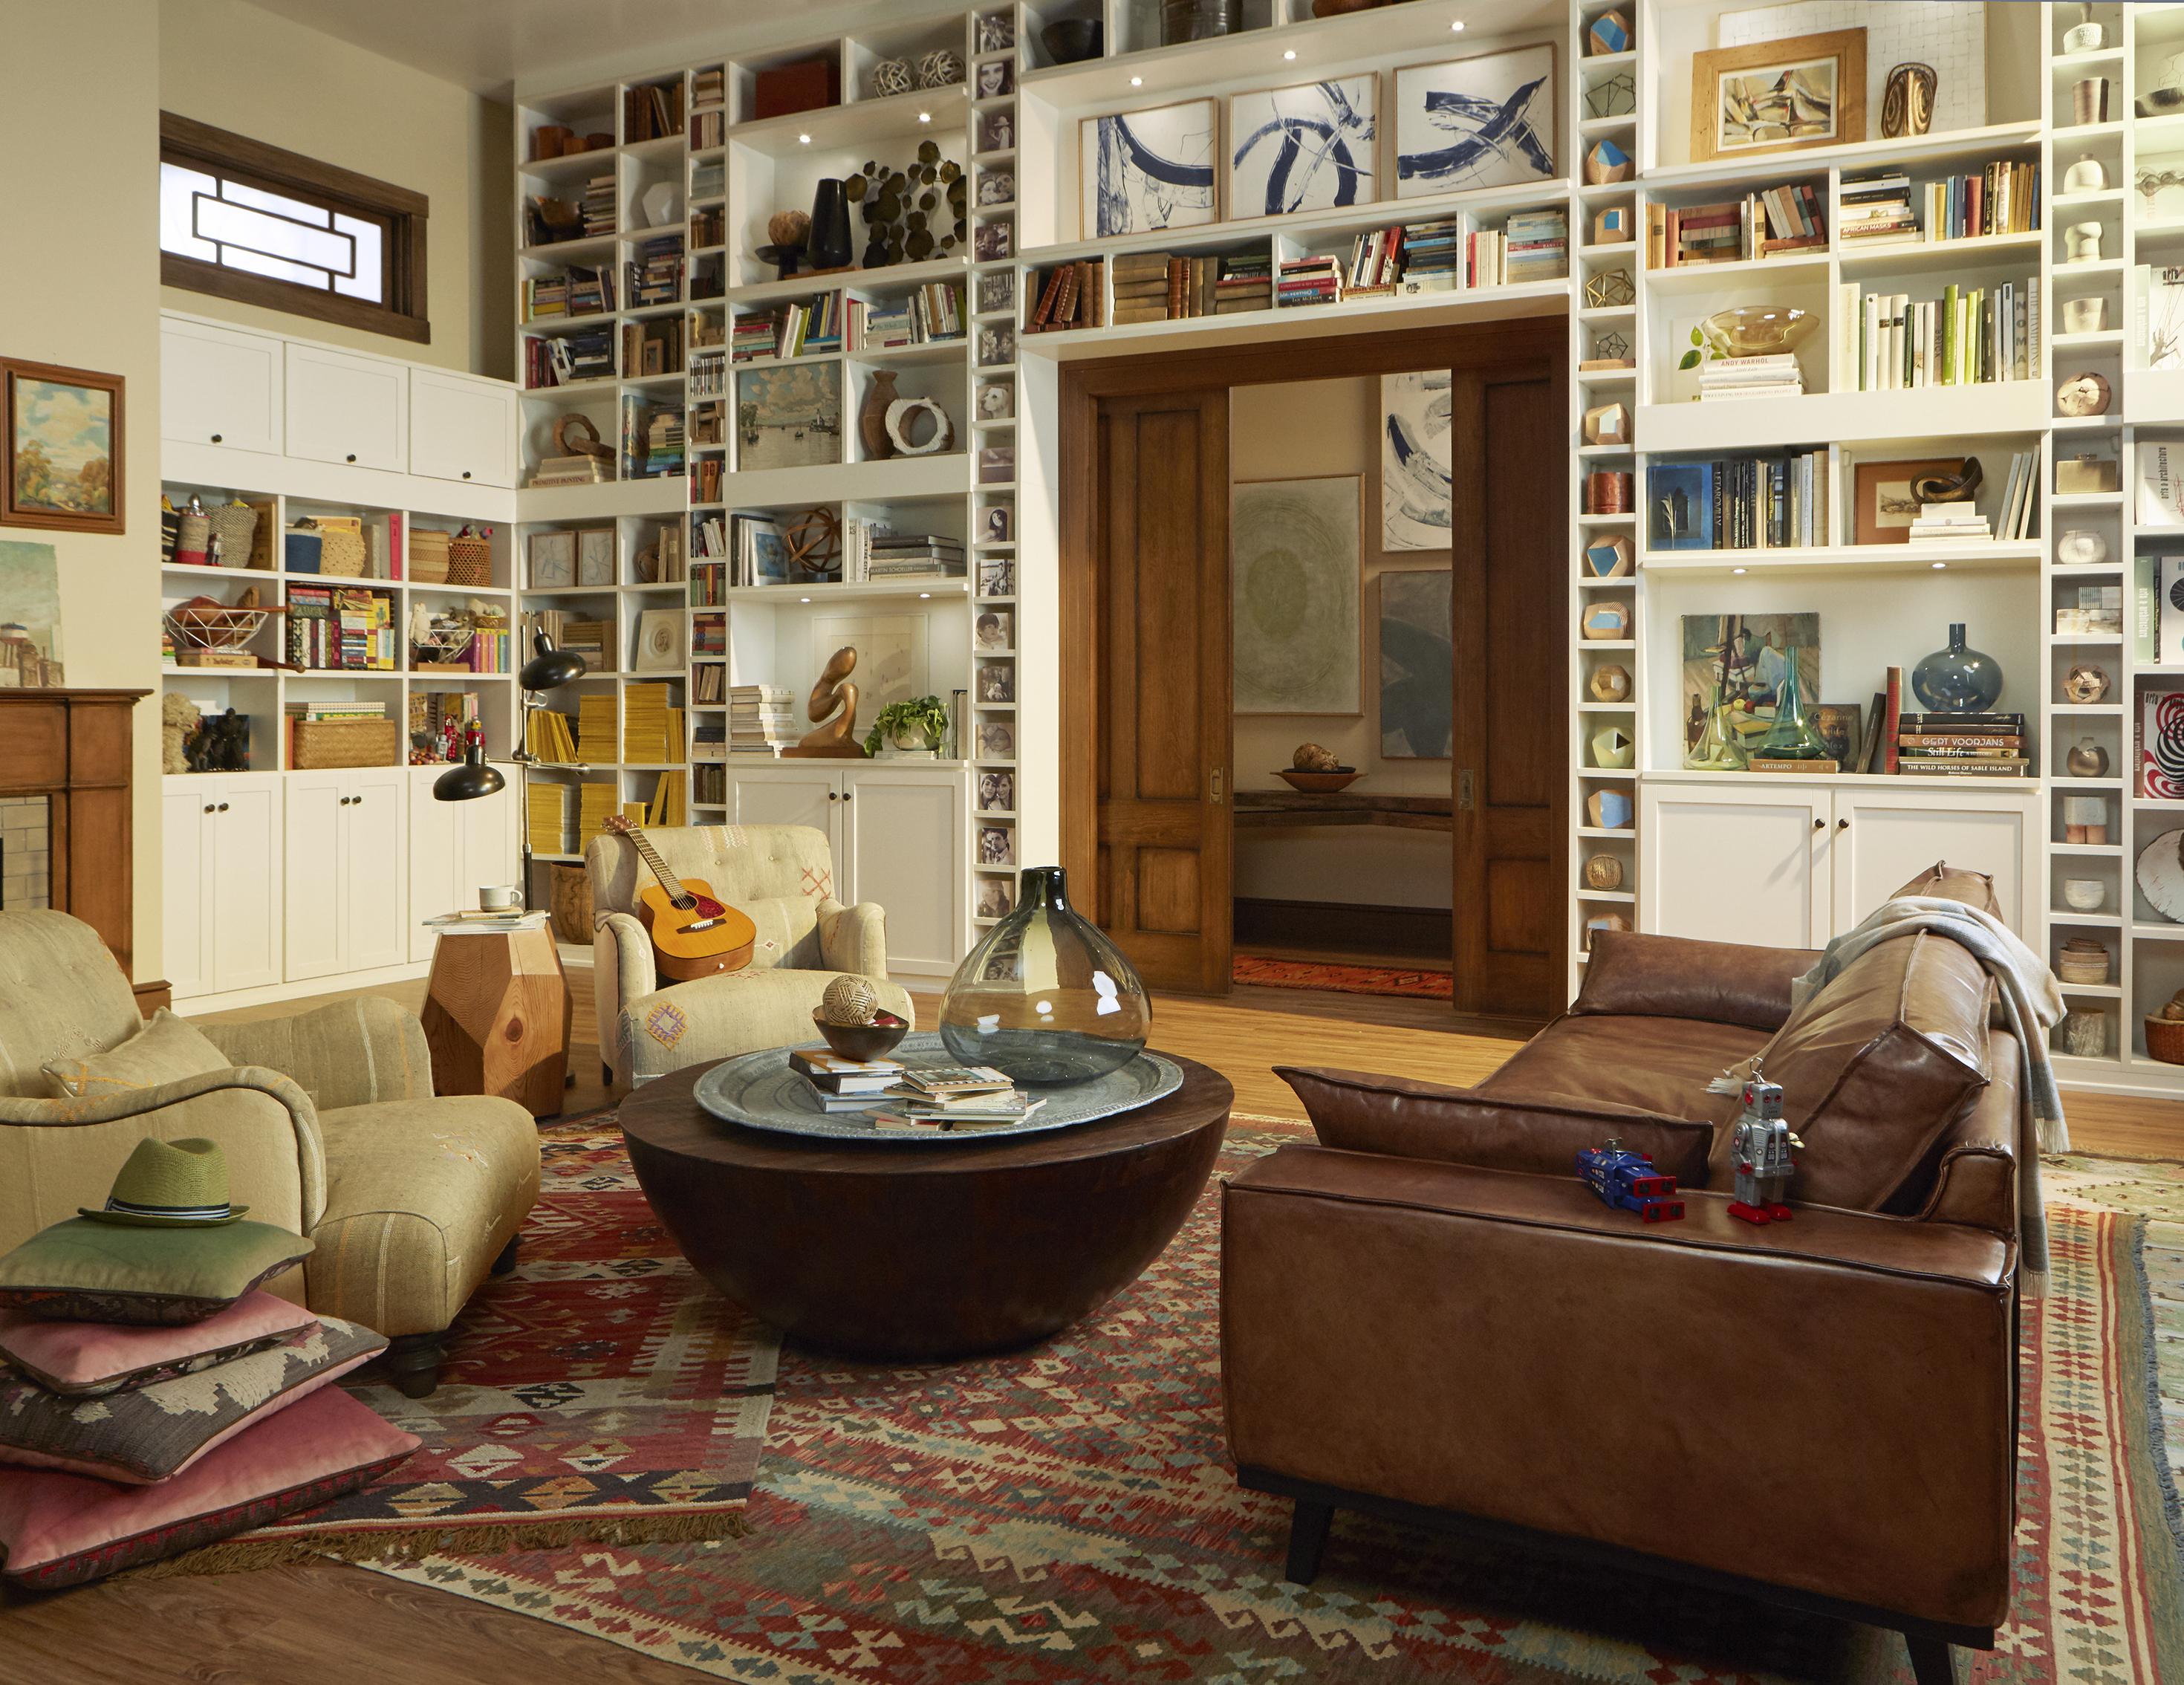 Library Bookshelves Custom Library Shelving California